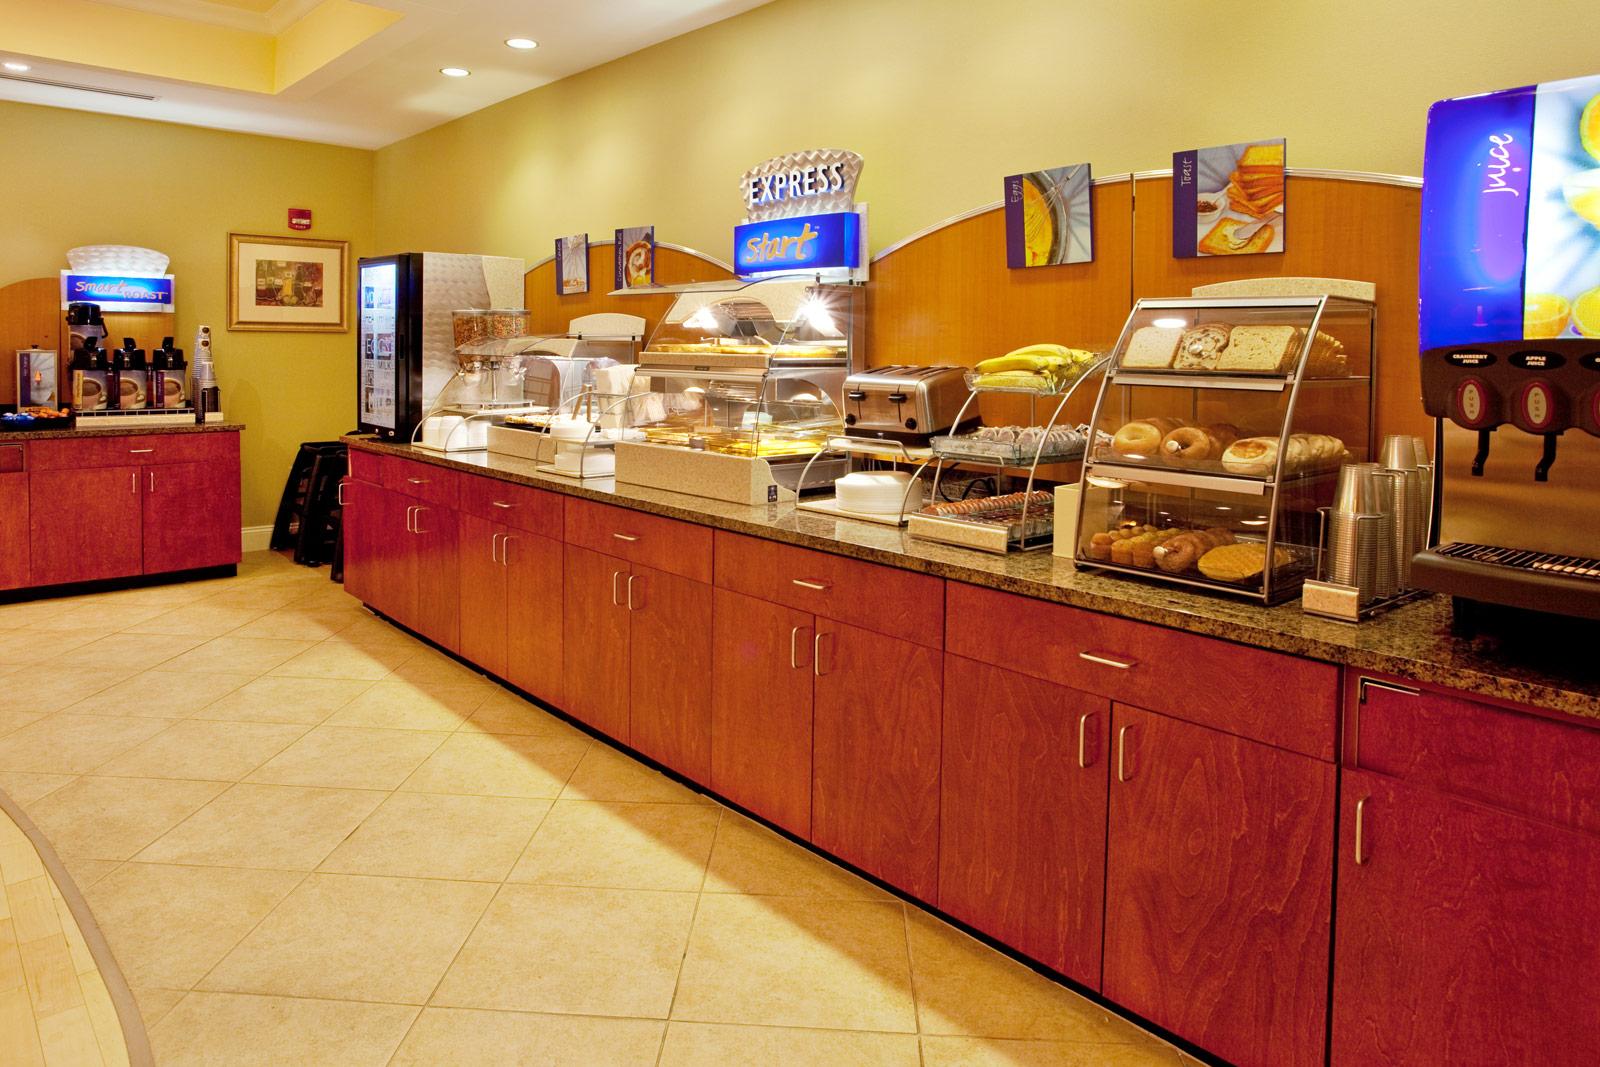 spartanburg-hotel-breakfast